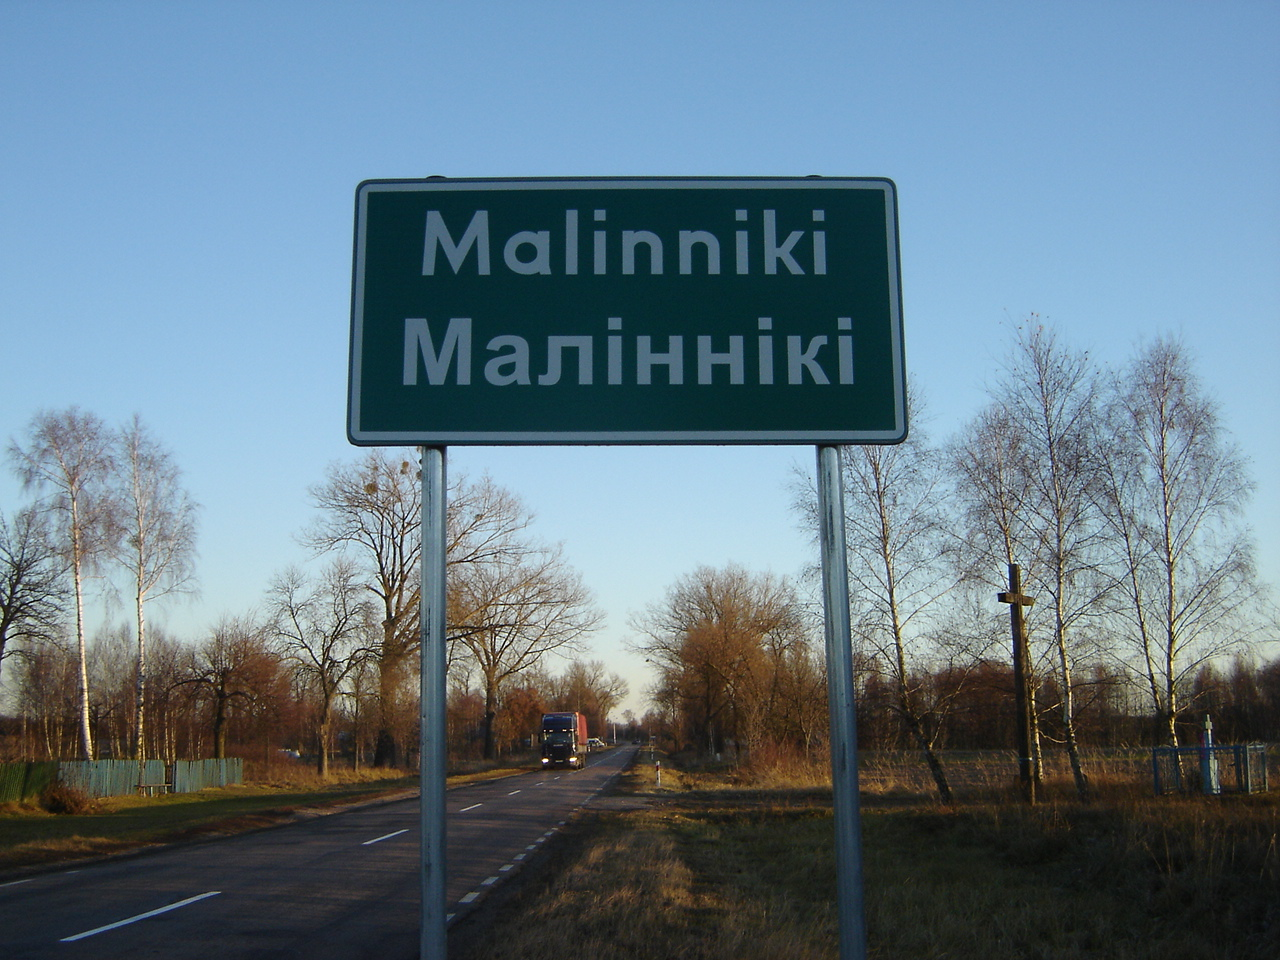 Polsko-białoruska tablica z nazwą miejscowości.